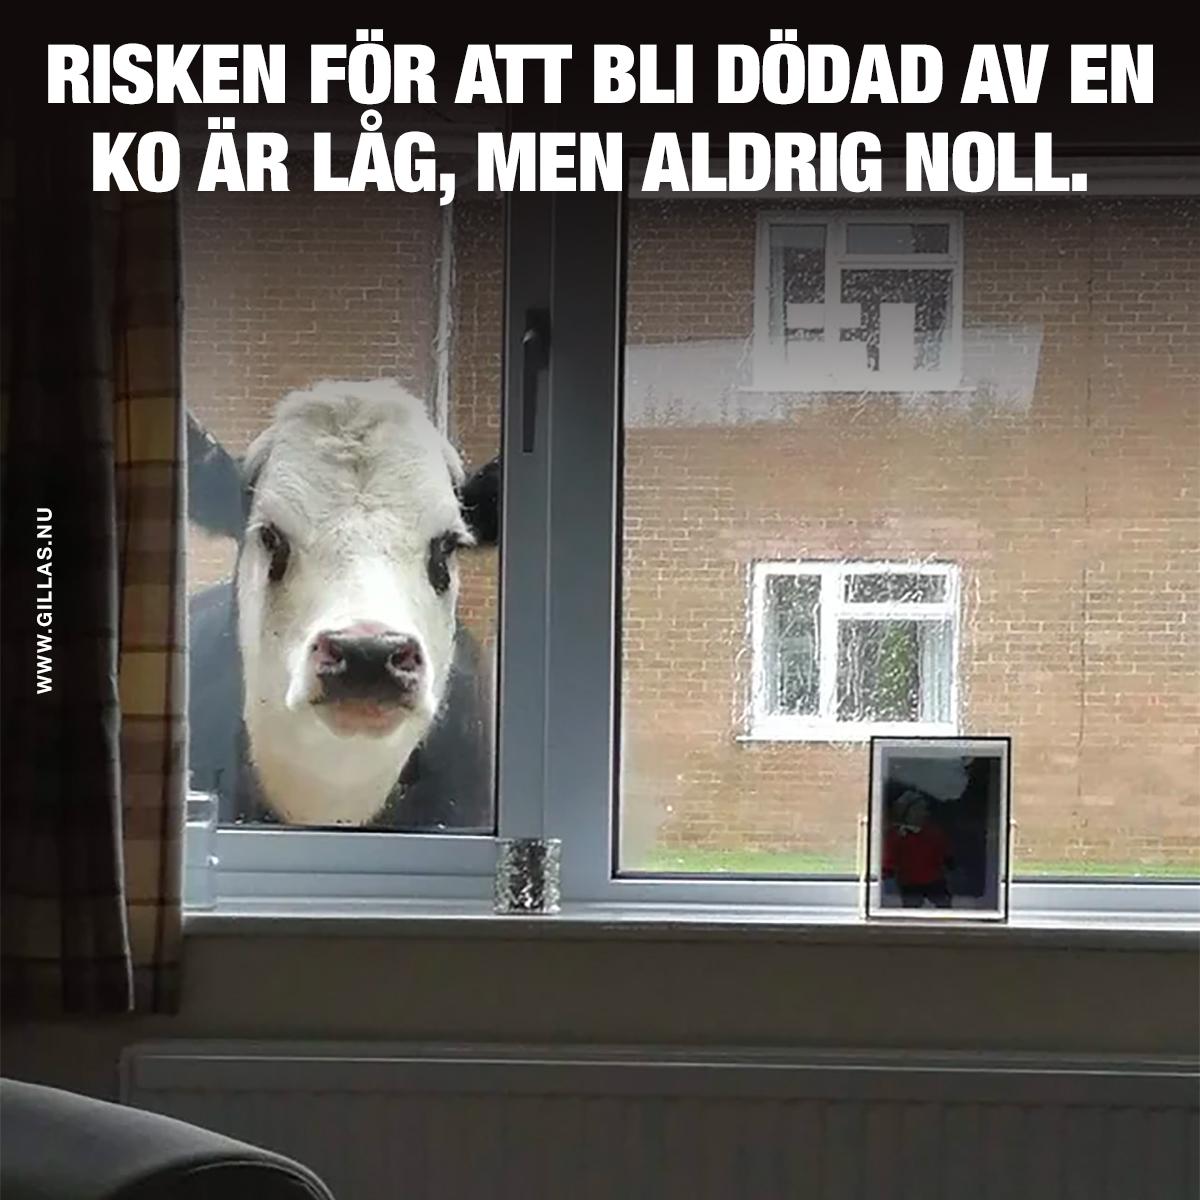 Ko tittar in genom fönster